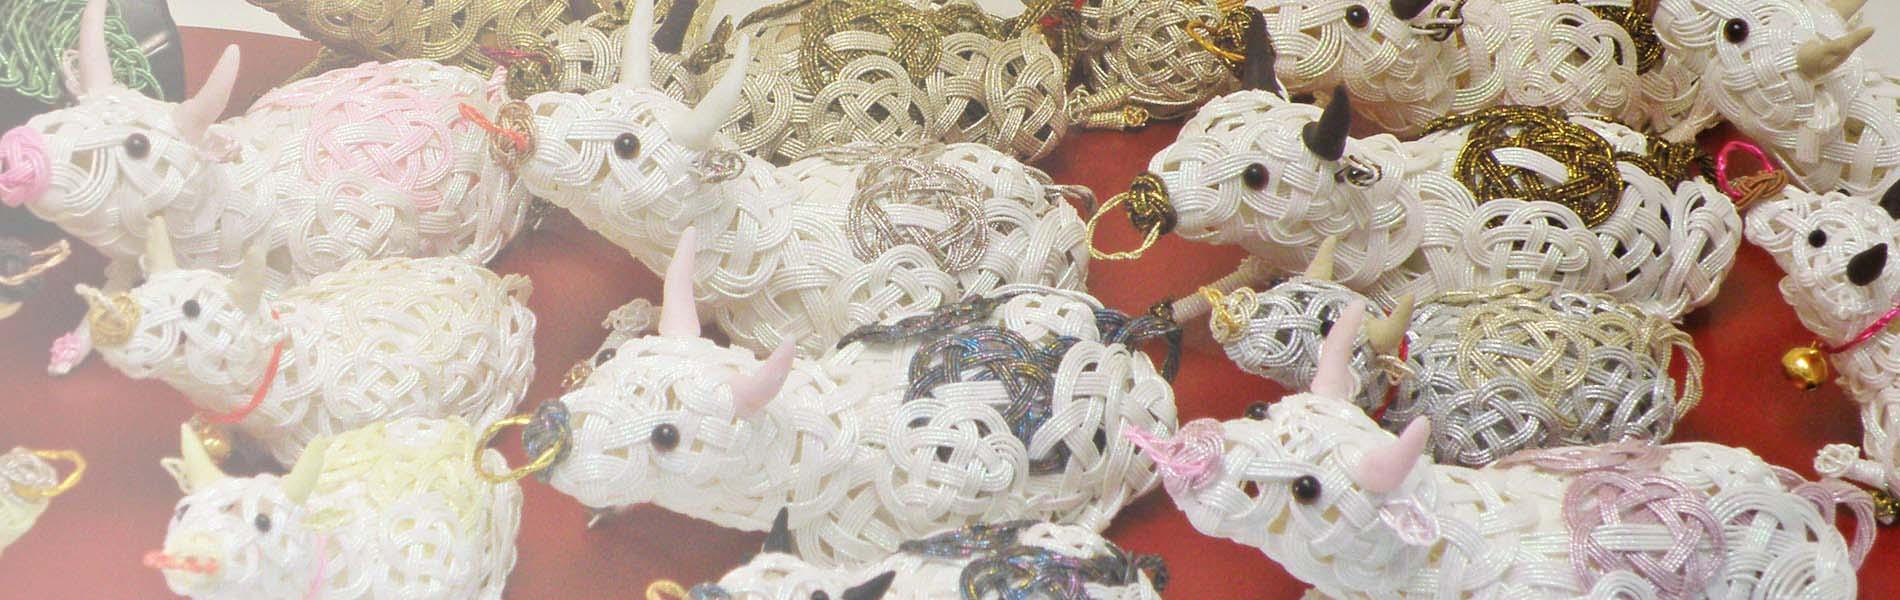 水引アート 干支の丑 牛 ウシ 置物